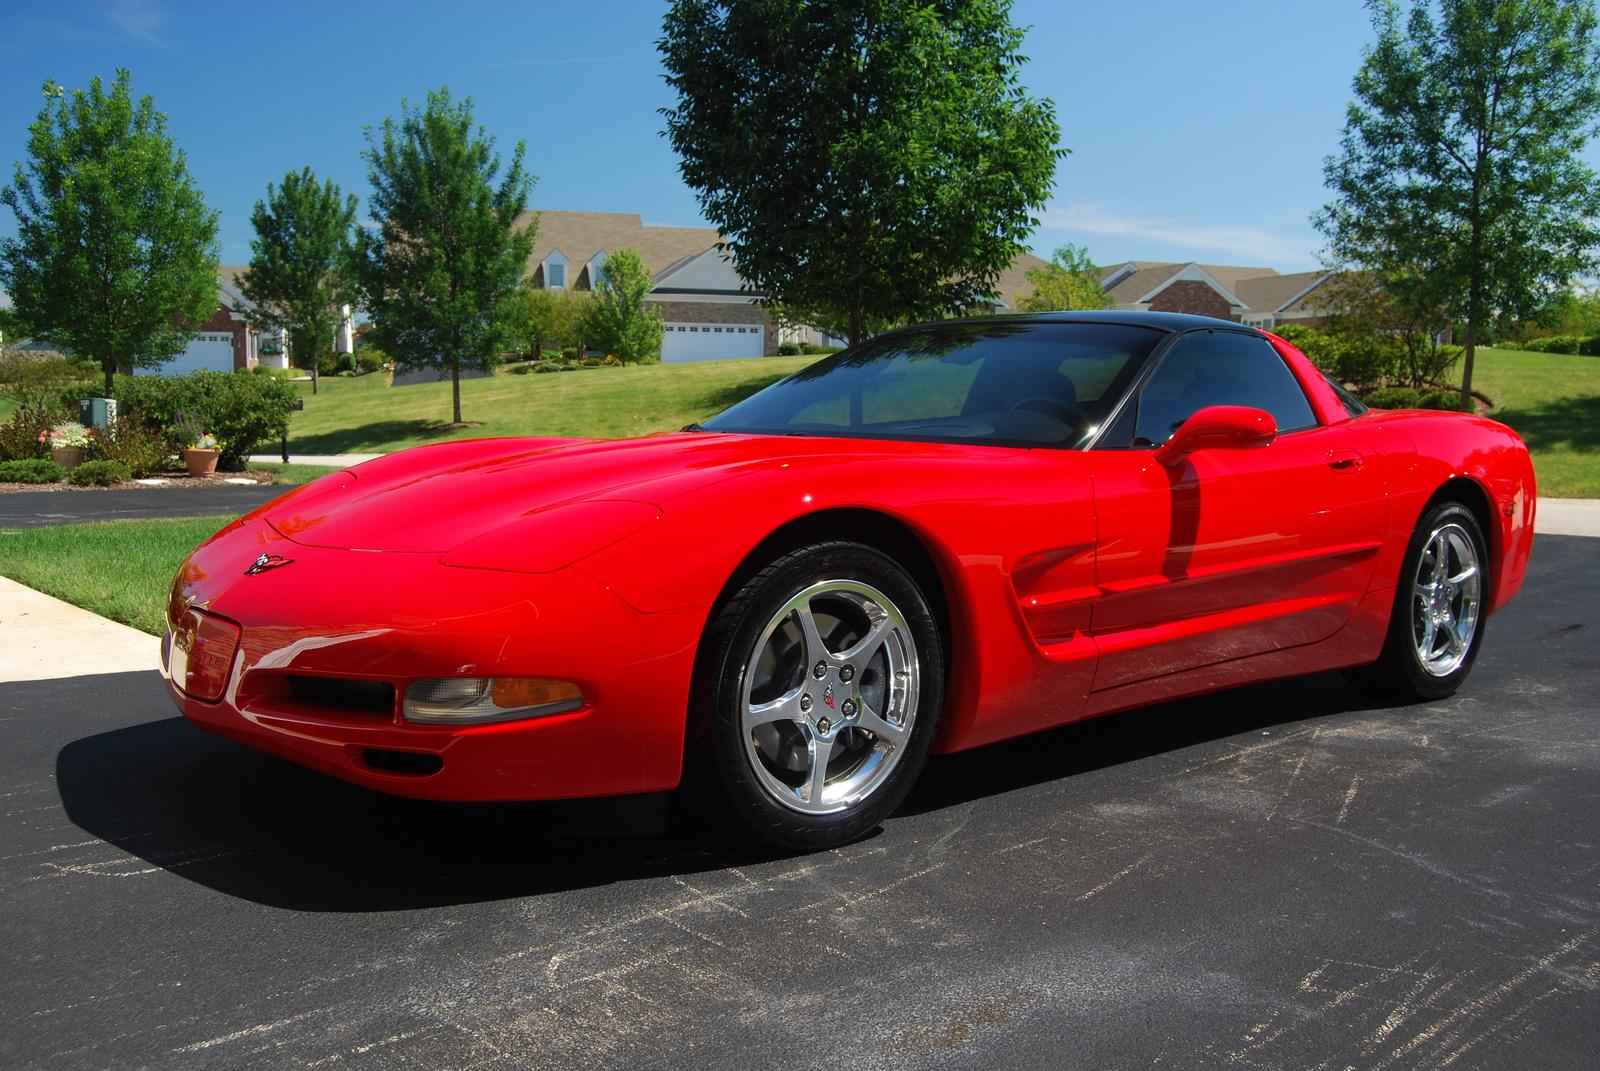 2004 corvette: